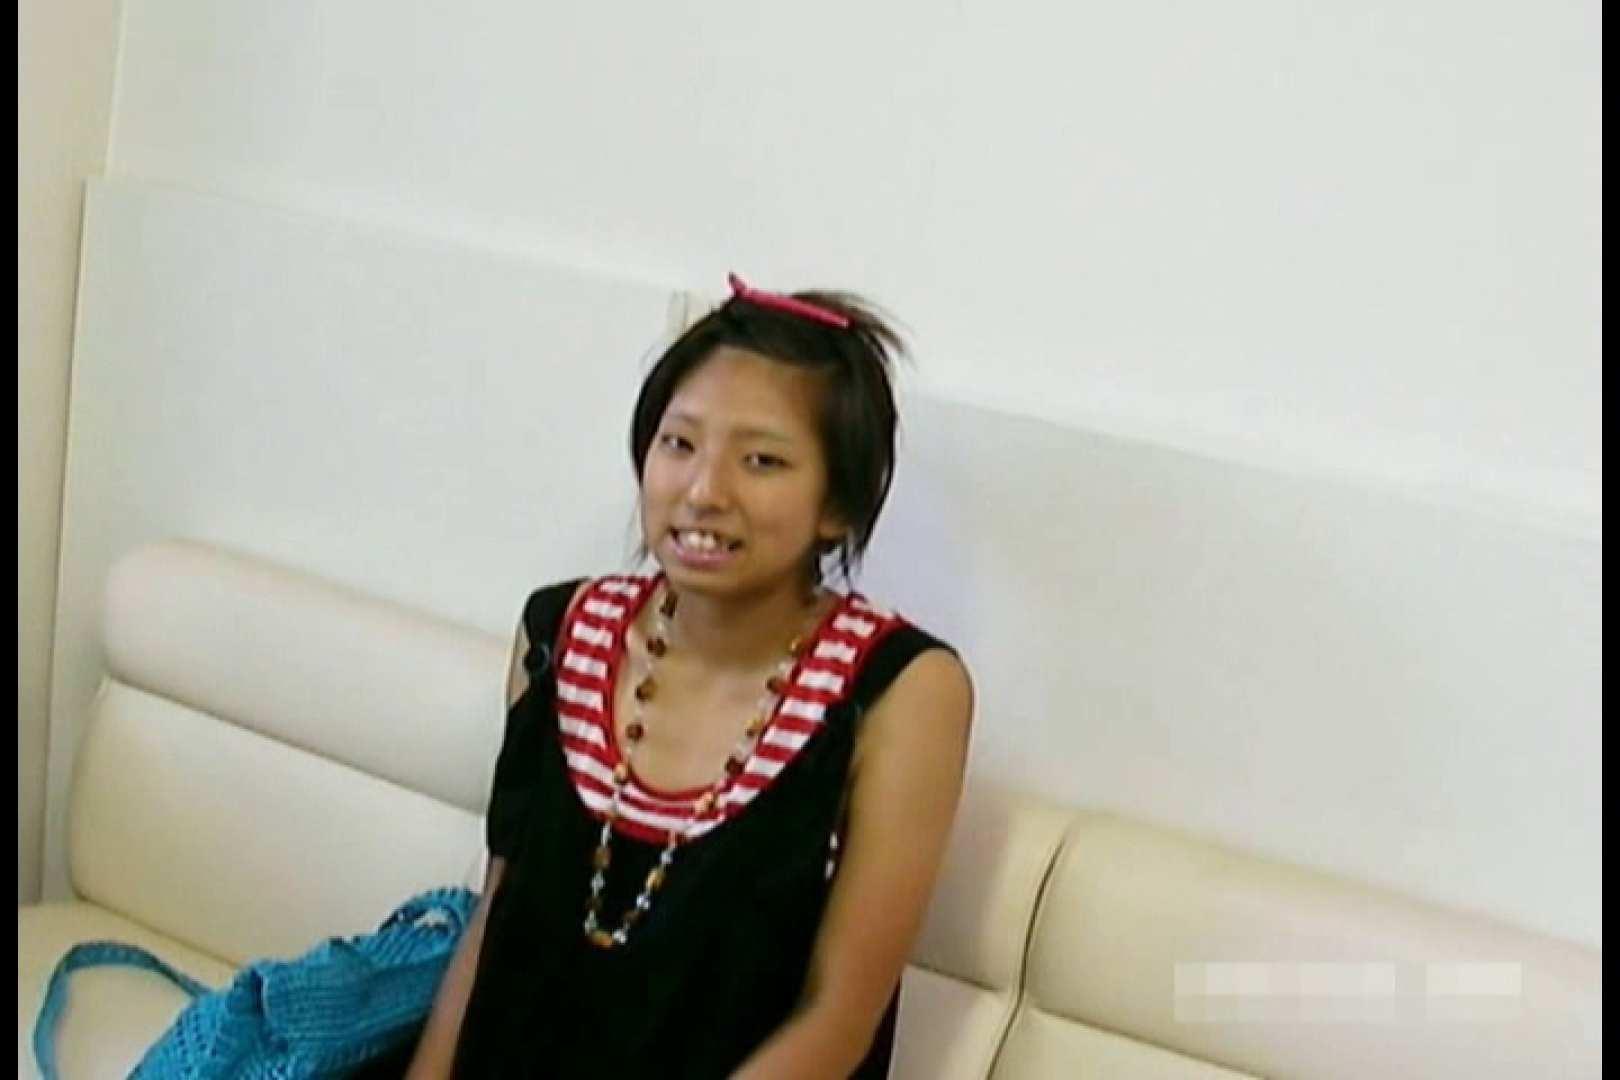 素人撮影 下着だけの撮影のはずが・・・エミちゃん18歳 乳首 ワレメ無修正動画無料 105連発 6